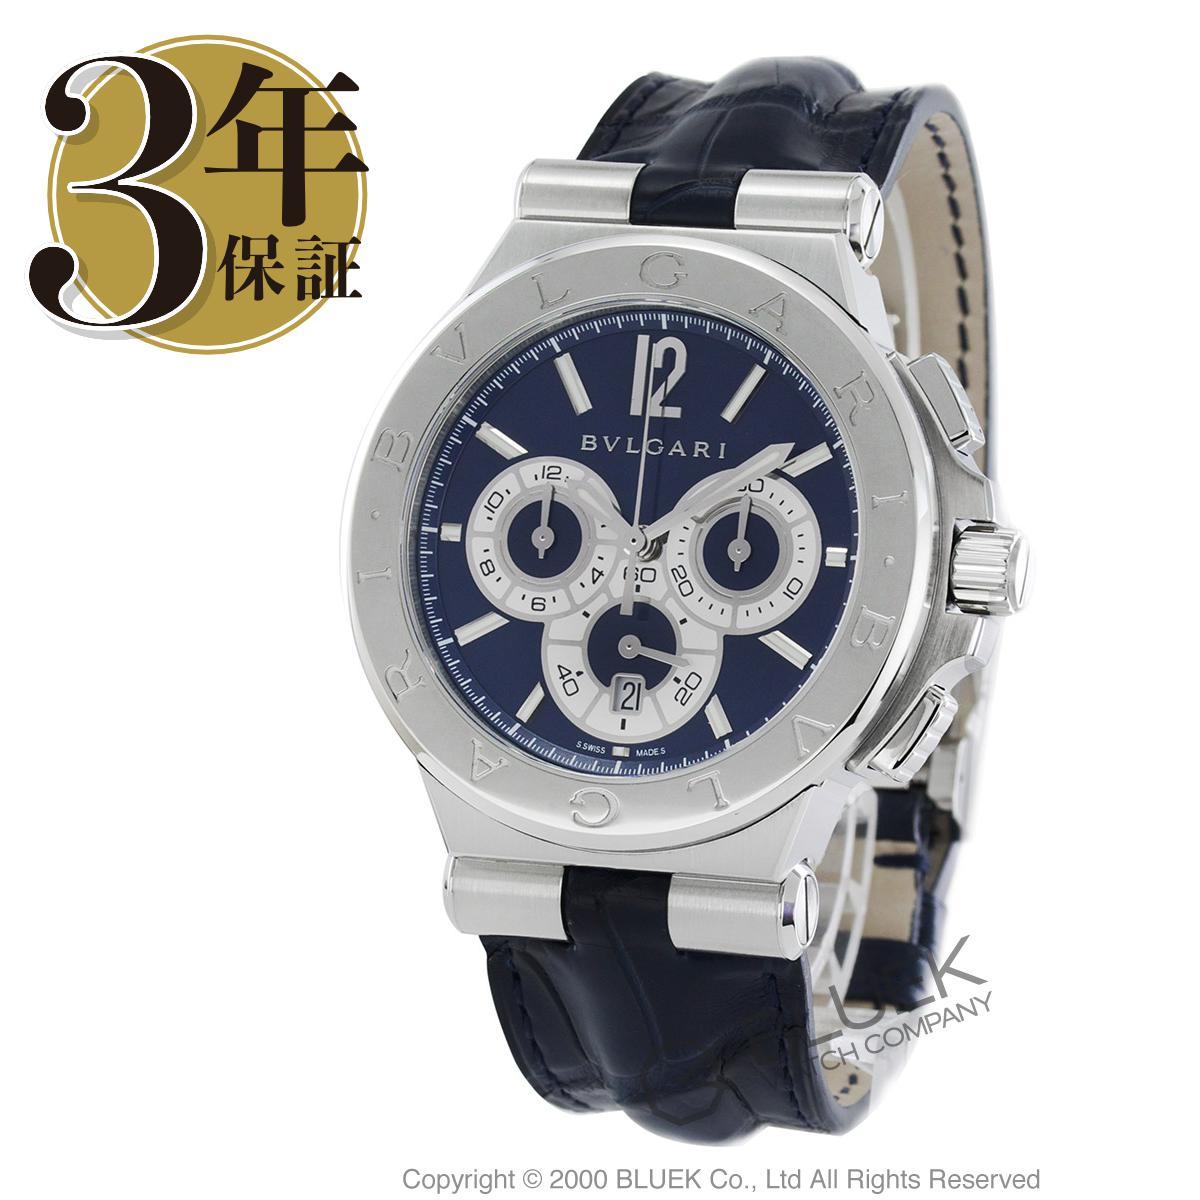 ブルガリ ディアゴノ カリブロ303 世界限定500本 クロノグラフ アリゲーターレザー 腕時計 メンズ BVLGARI DG42C3SLDCH_8